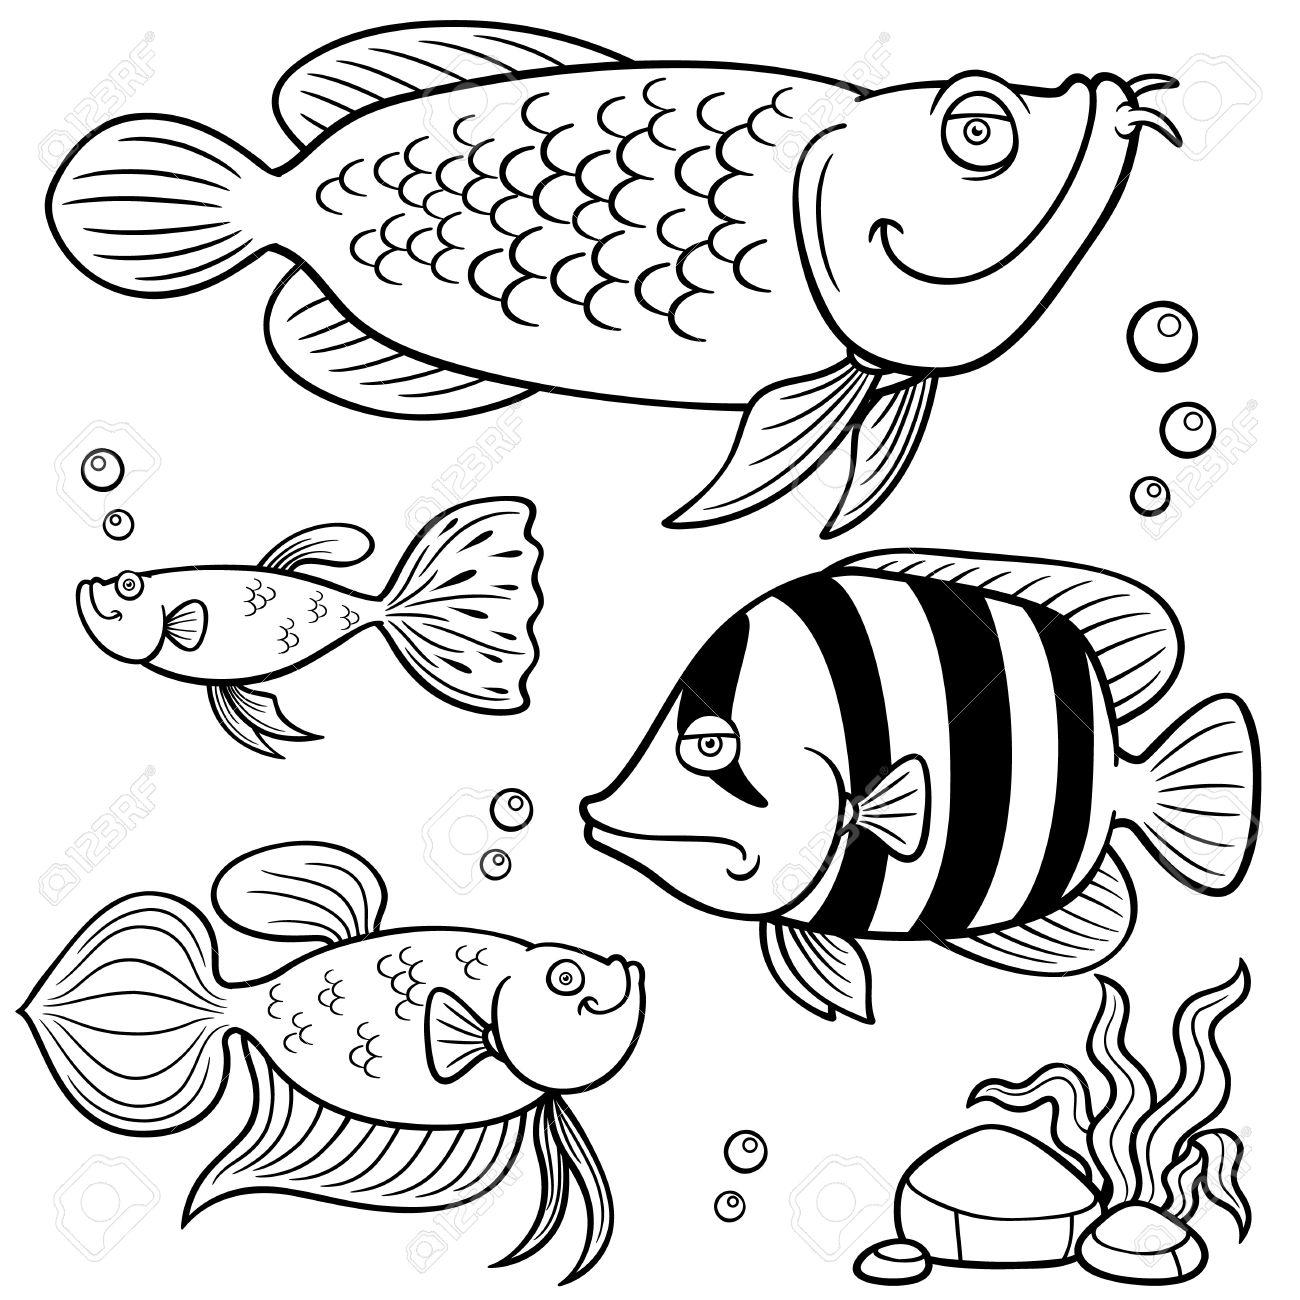 水族館の魚コレクション 塗り絵のベクトル イラスト